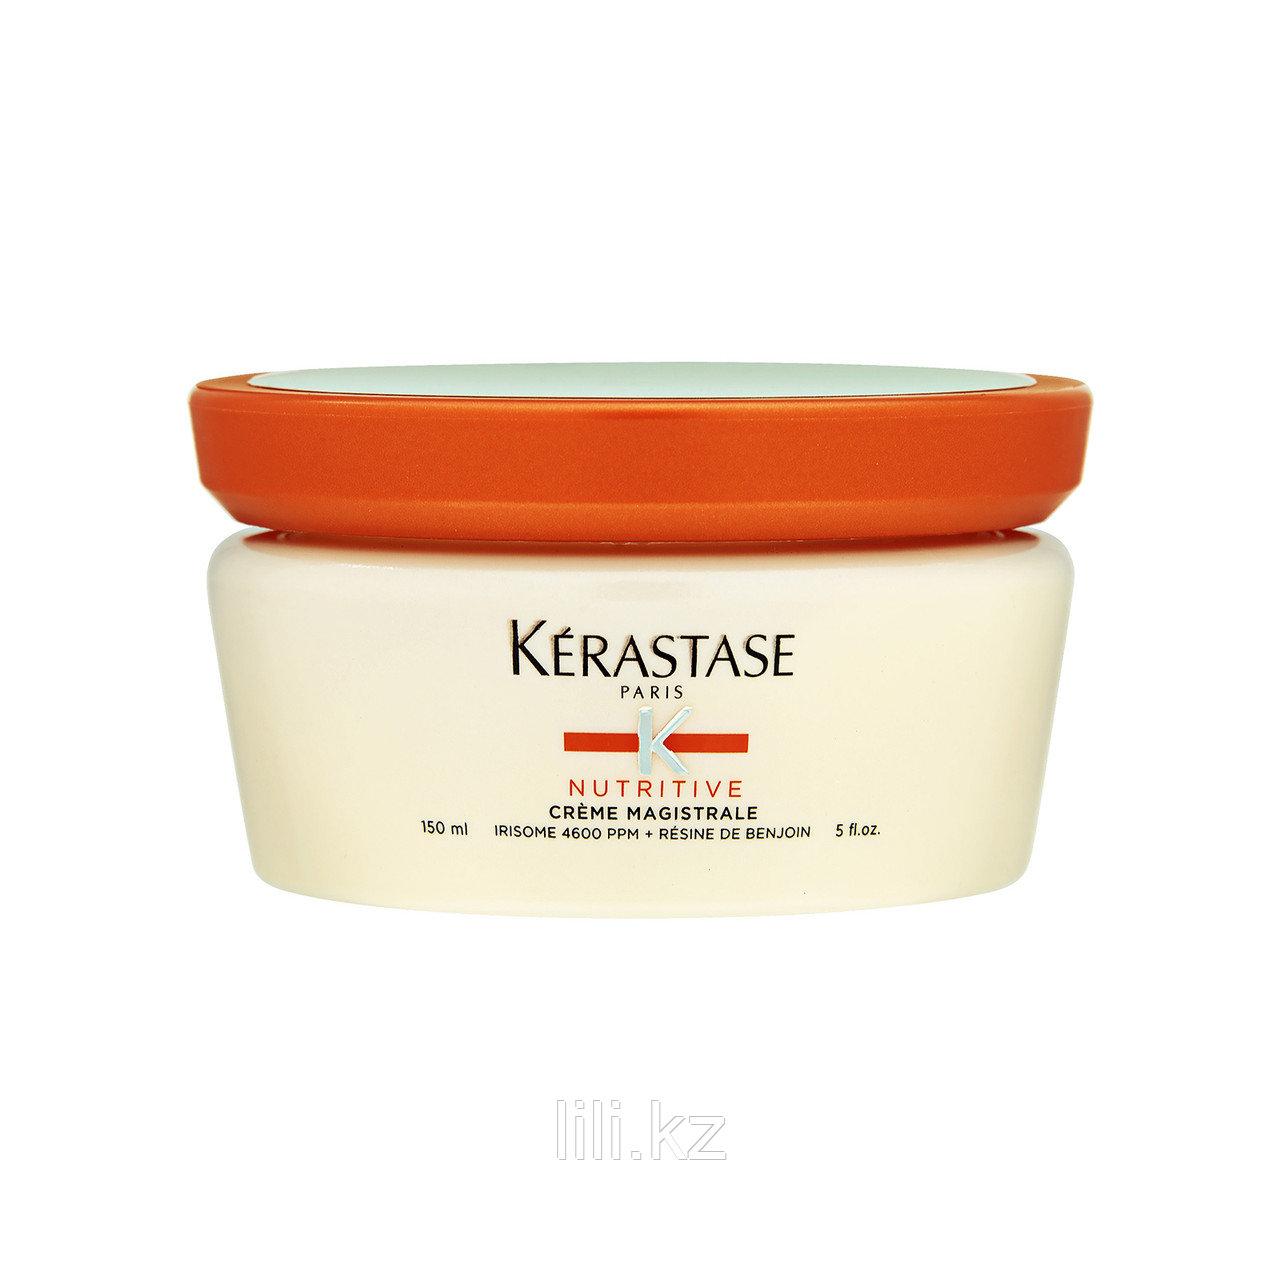 Несмываемый питательный крем - бальзам Kerastase Nutritive Magistrale 150 мл.